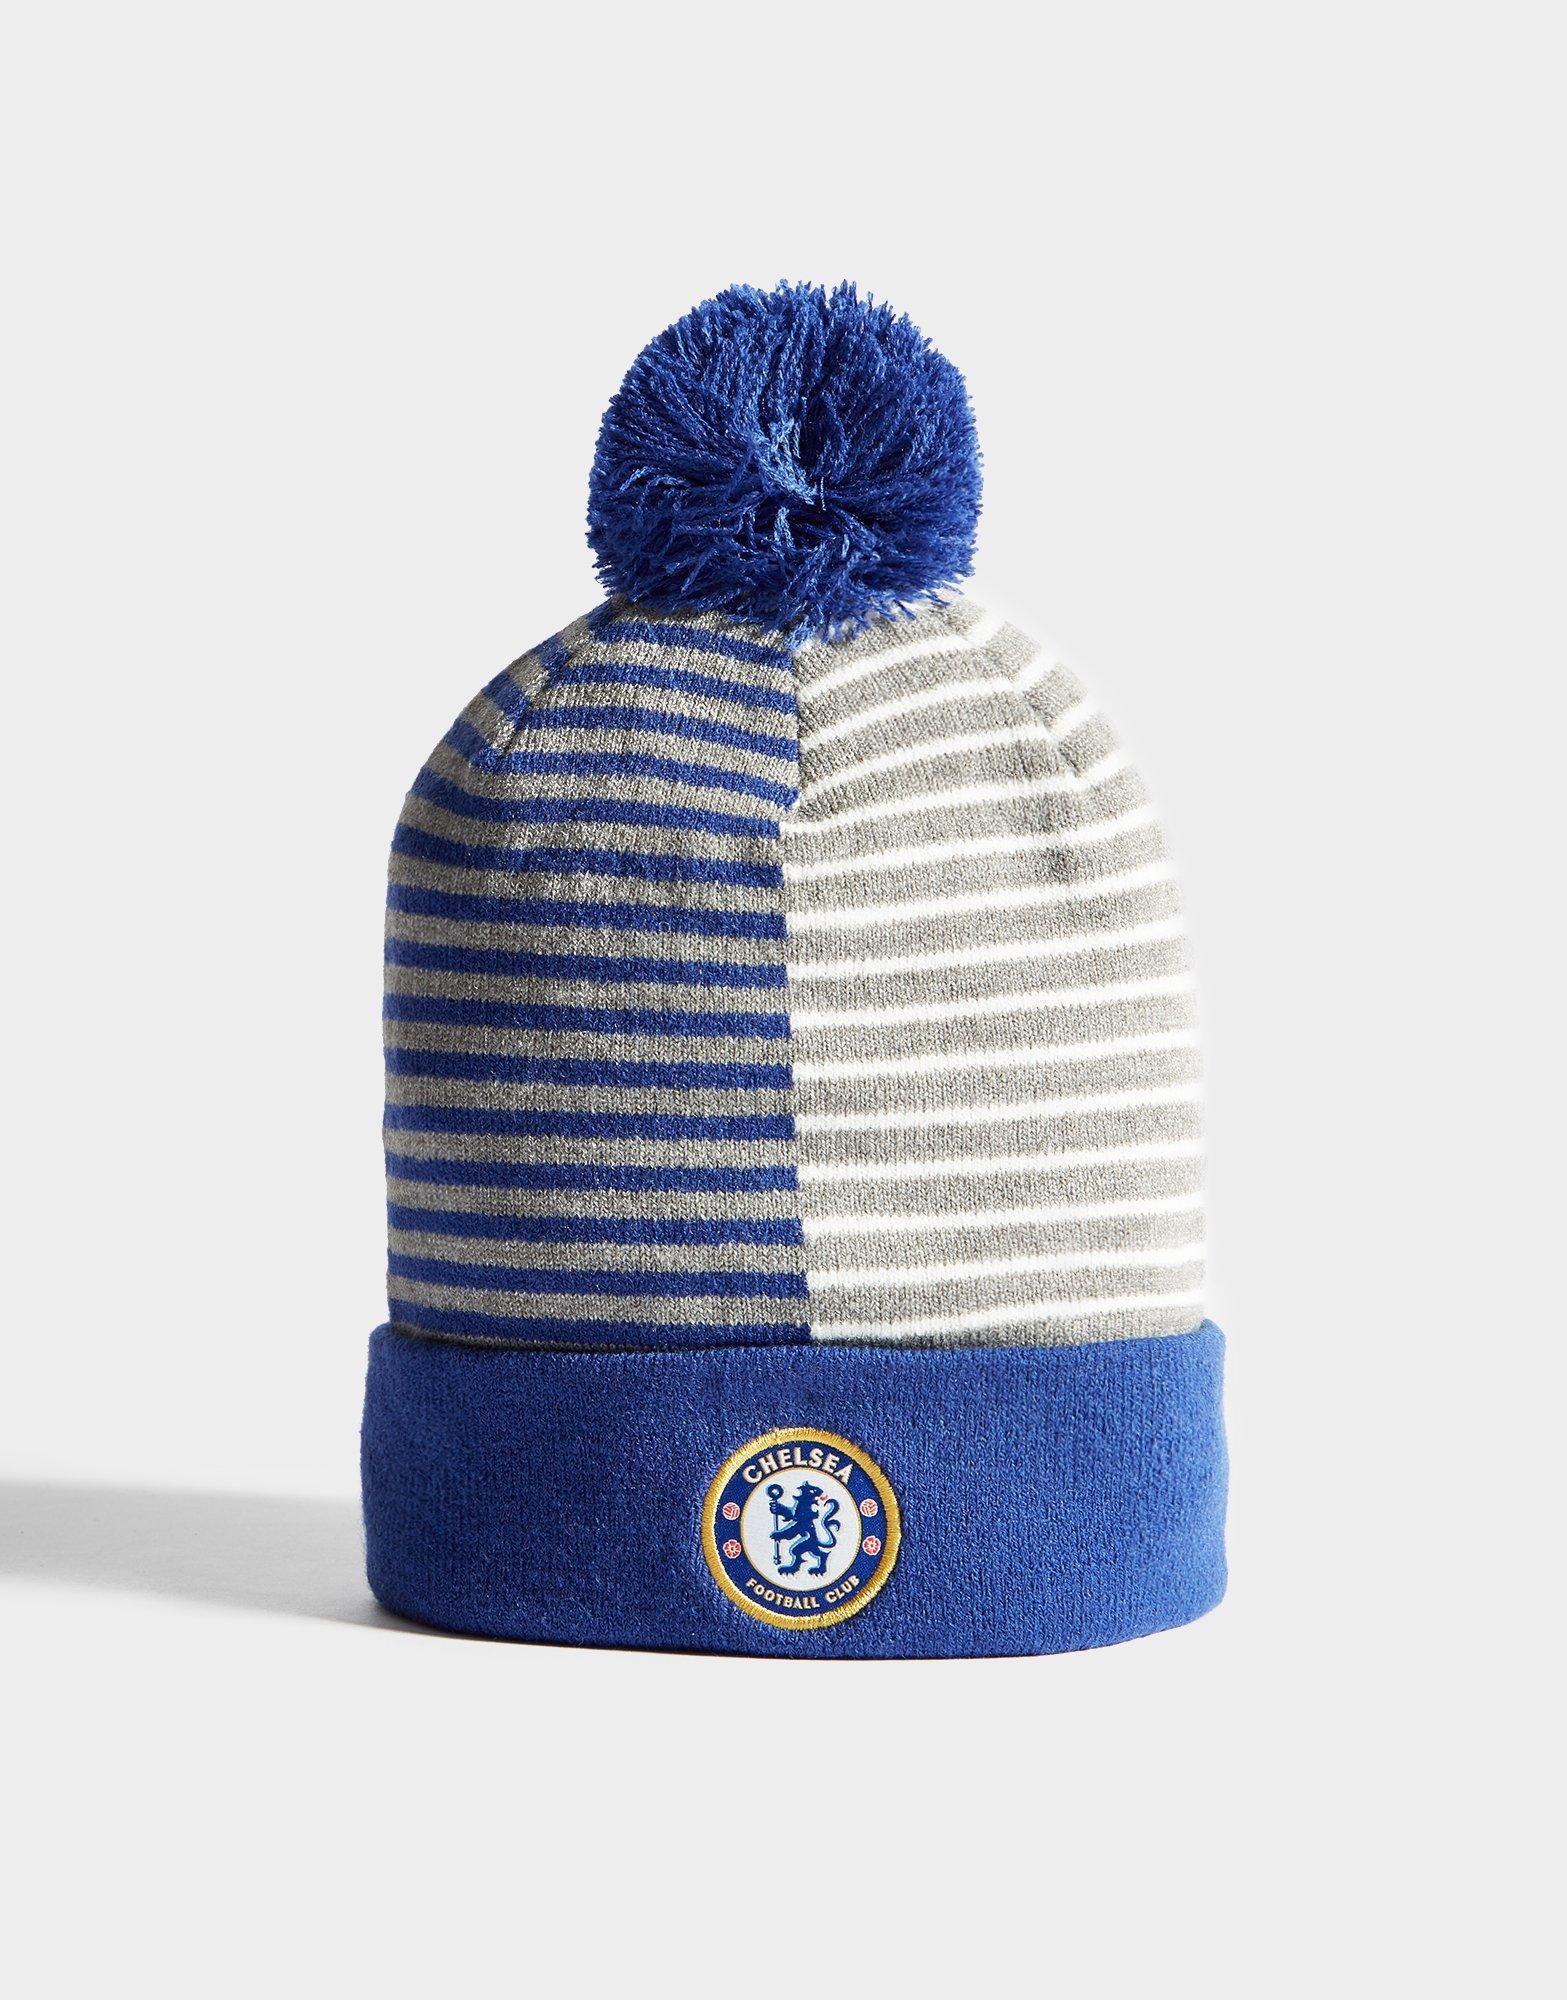 Nike Chelsea Fc Beanie in Blue for Men - Lyst 3e1273349787